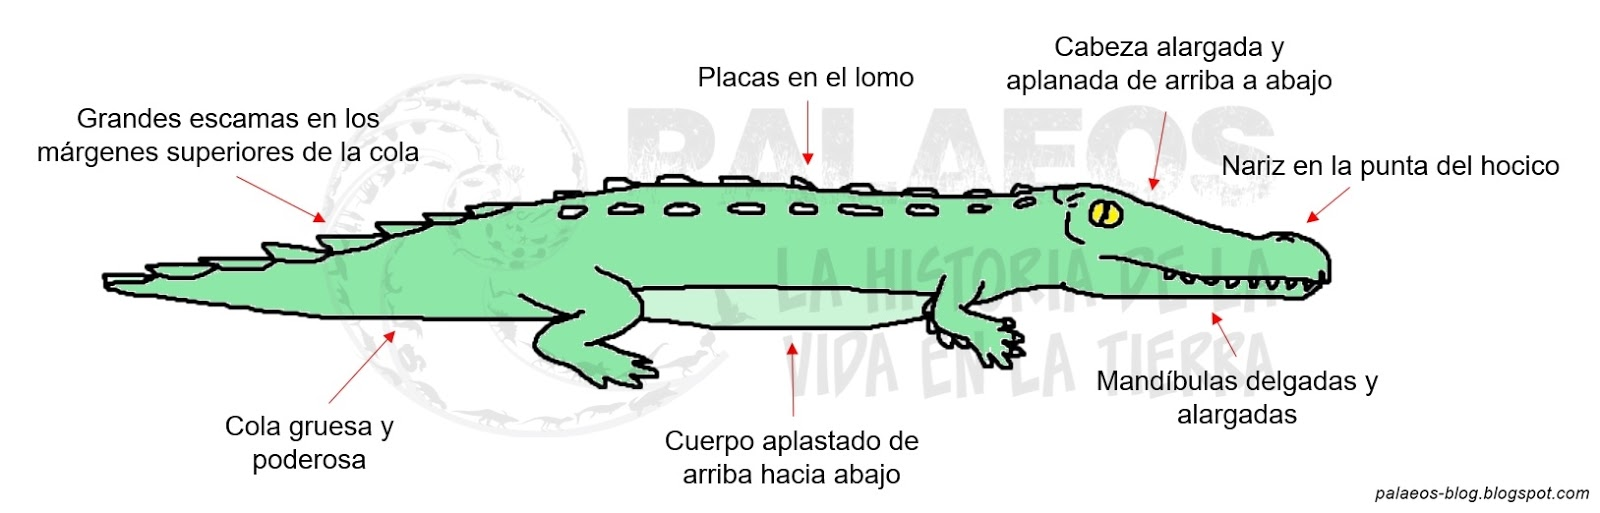 Palaeos, la historia de la Vida en la Tierra: Pobres cocodrilos